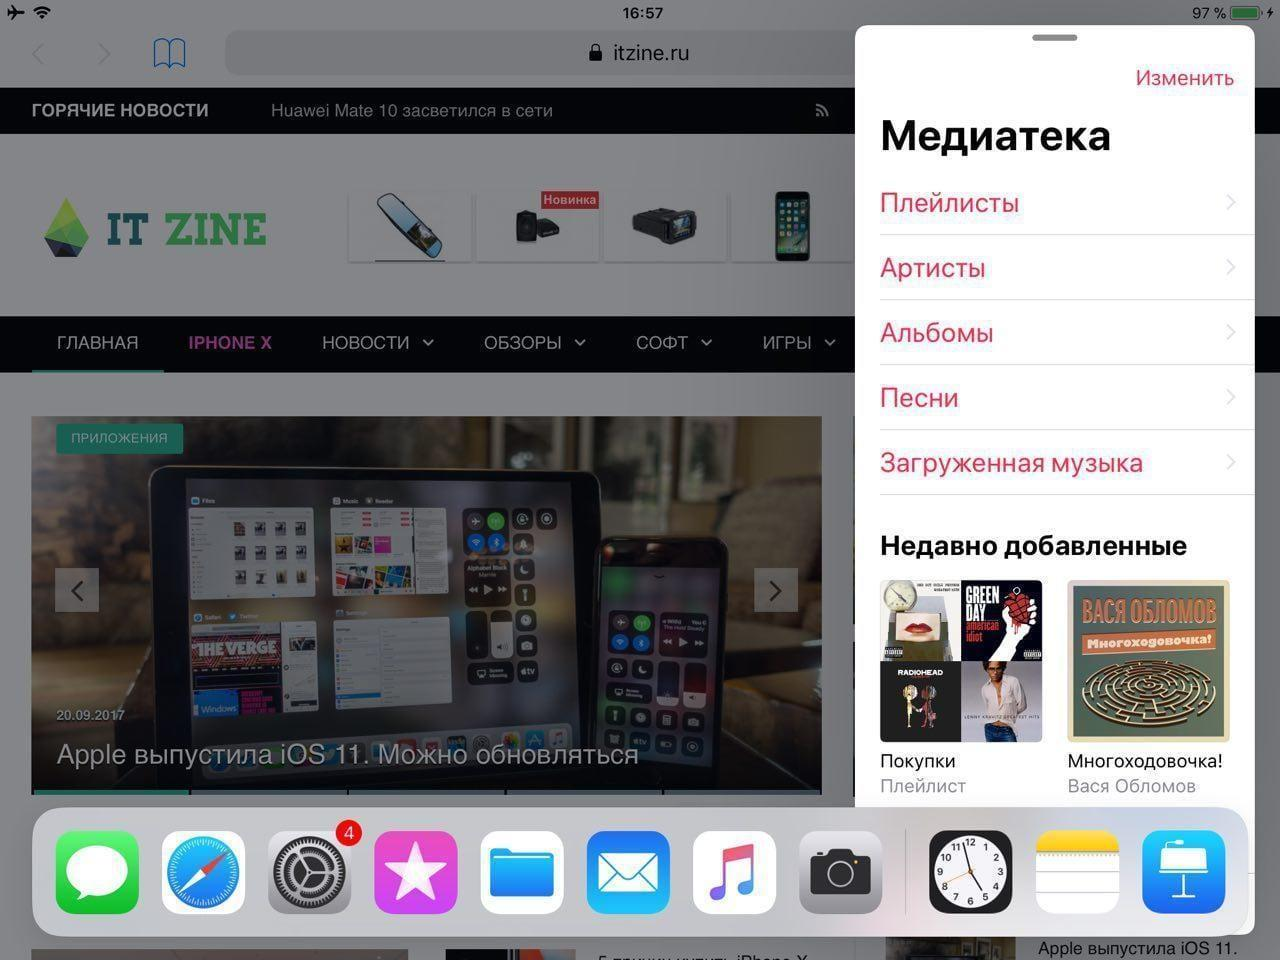 Новая надежда. Обзор Apple iOS 11 для iPad и iPhone (photo 2017 09 20 17 01 53)